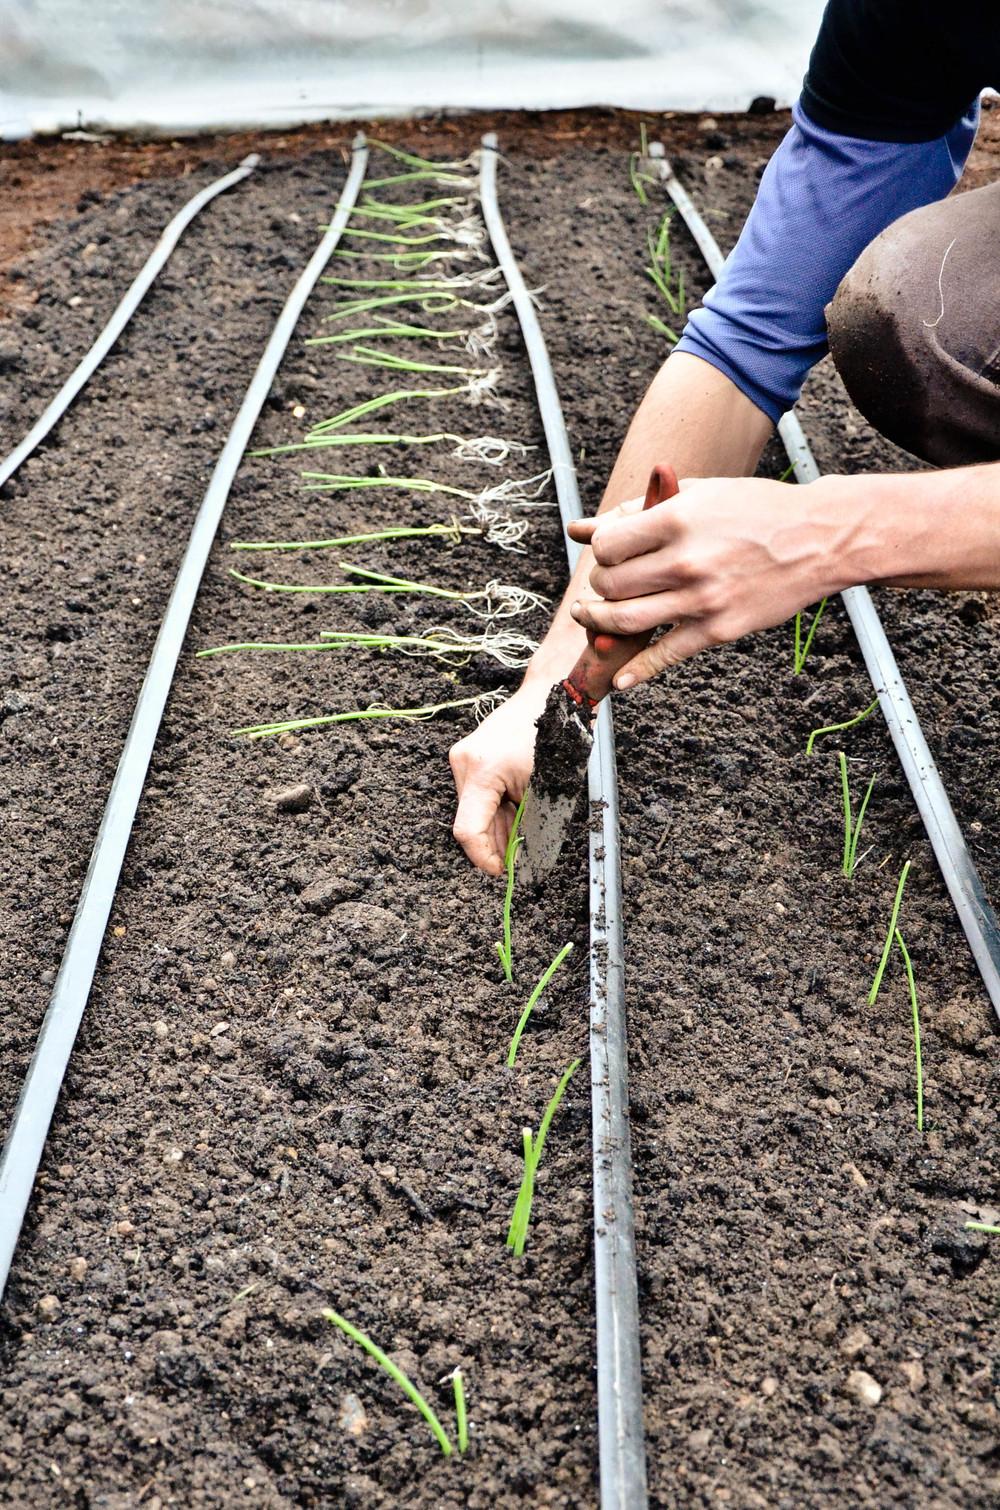 onions plantings News2.jpg